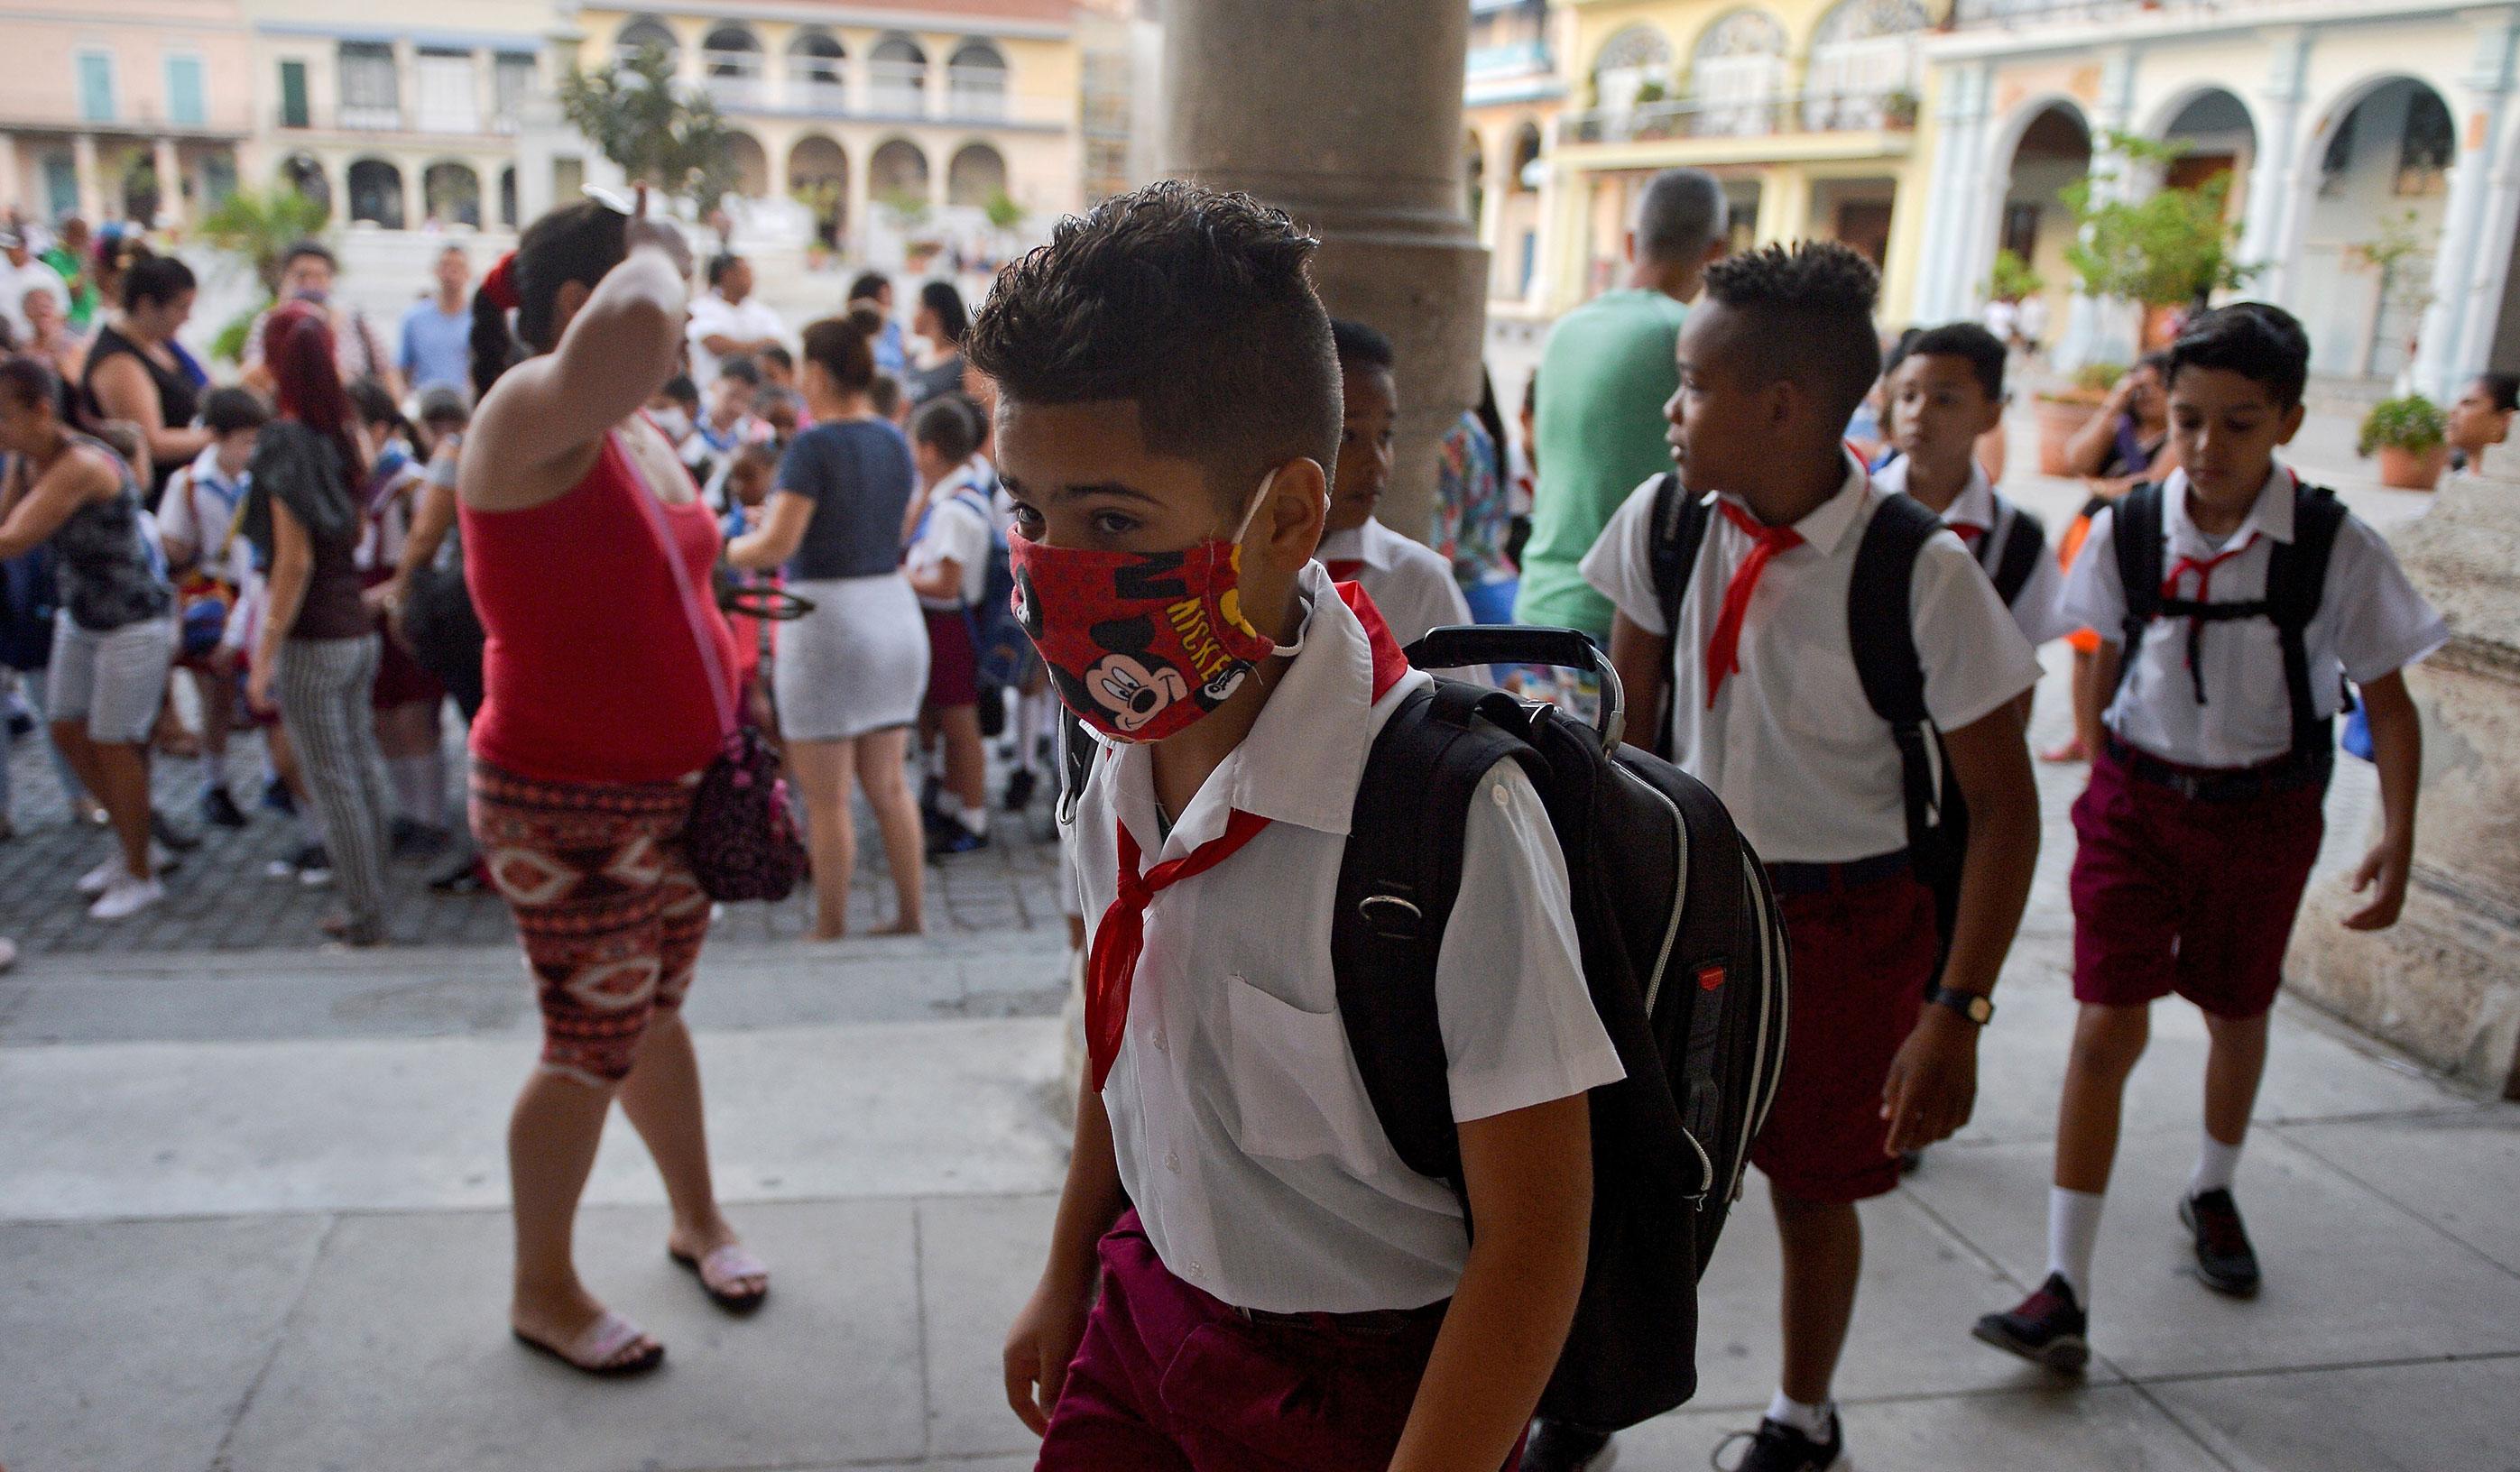 Students attend school in Havana, Cuba on March 16.